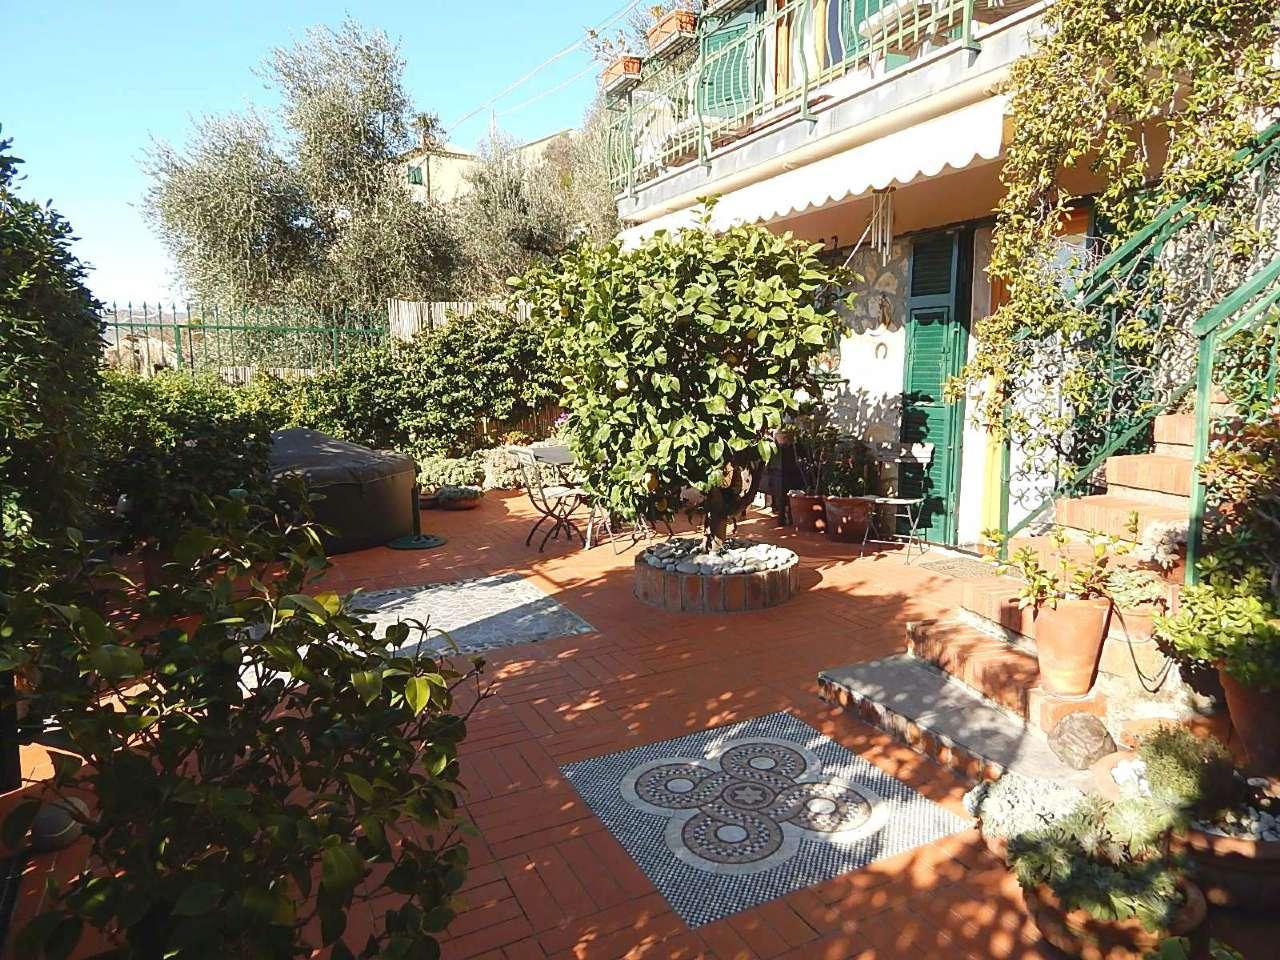 Soluzione Indipendente in vendita a Pieve Ligure, 6 locali, prezzo € 500.000   PortaleAgenzieImmobiliari.it